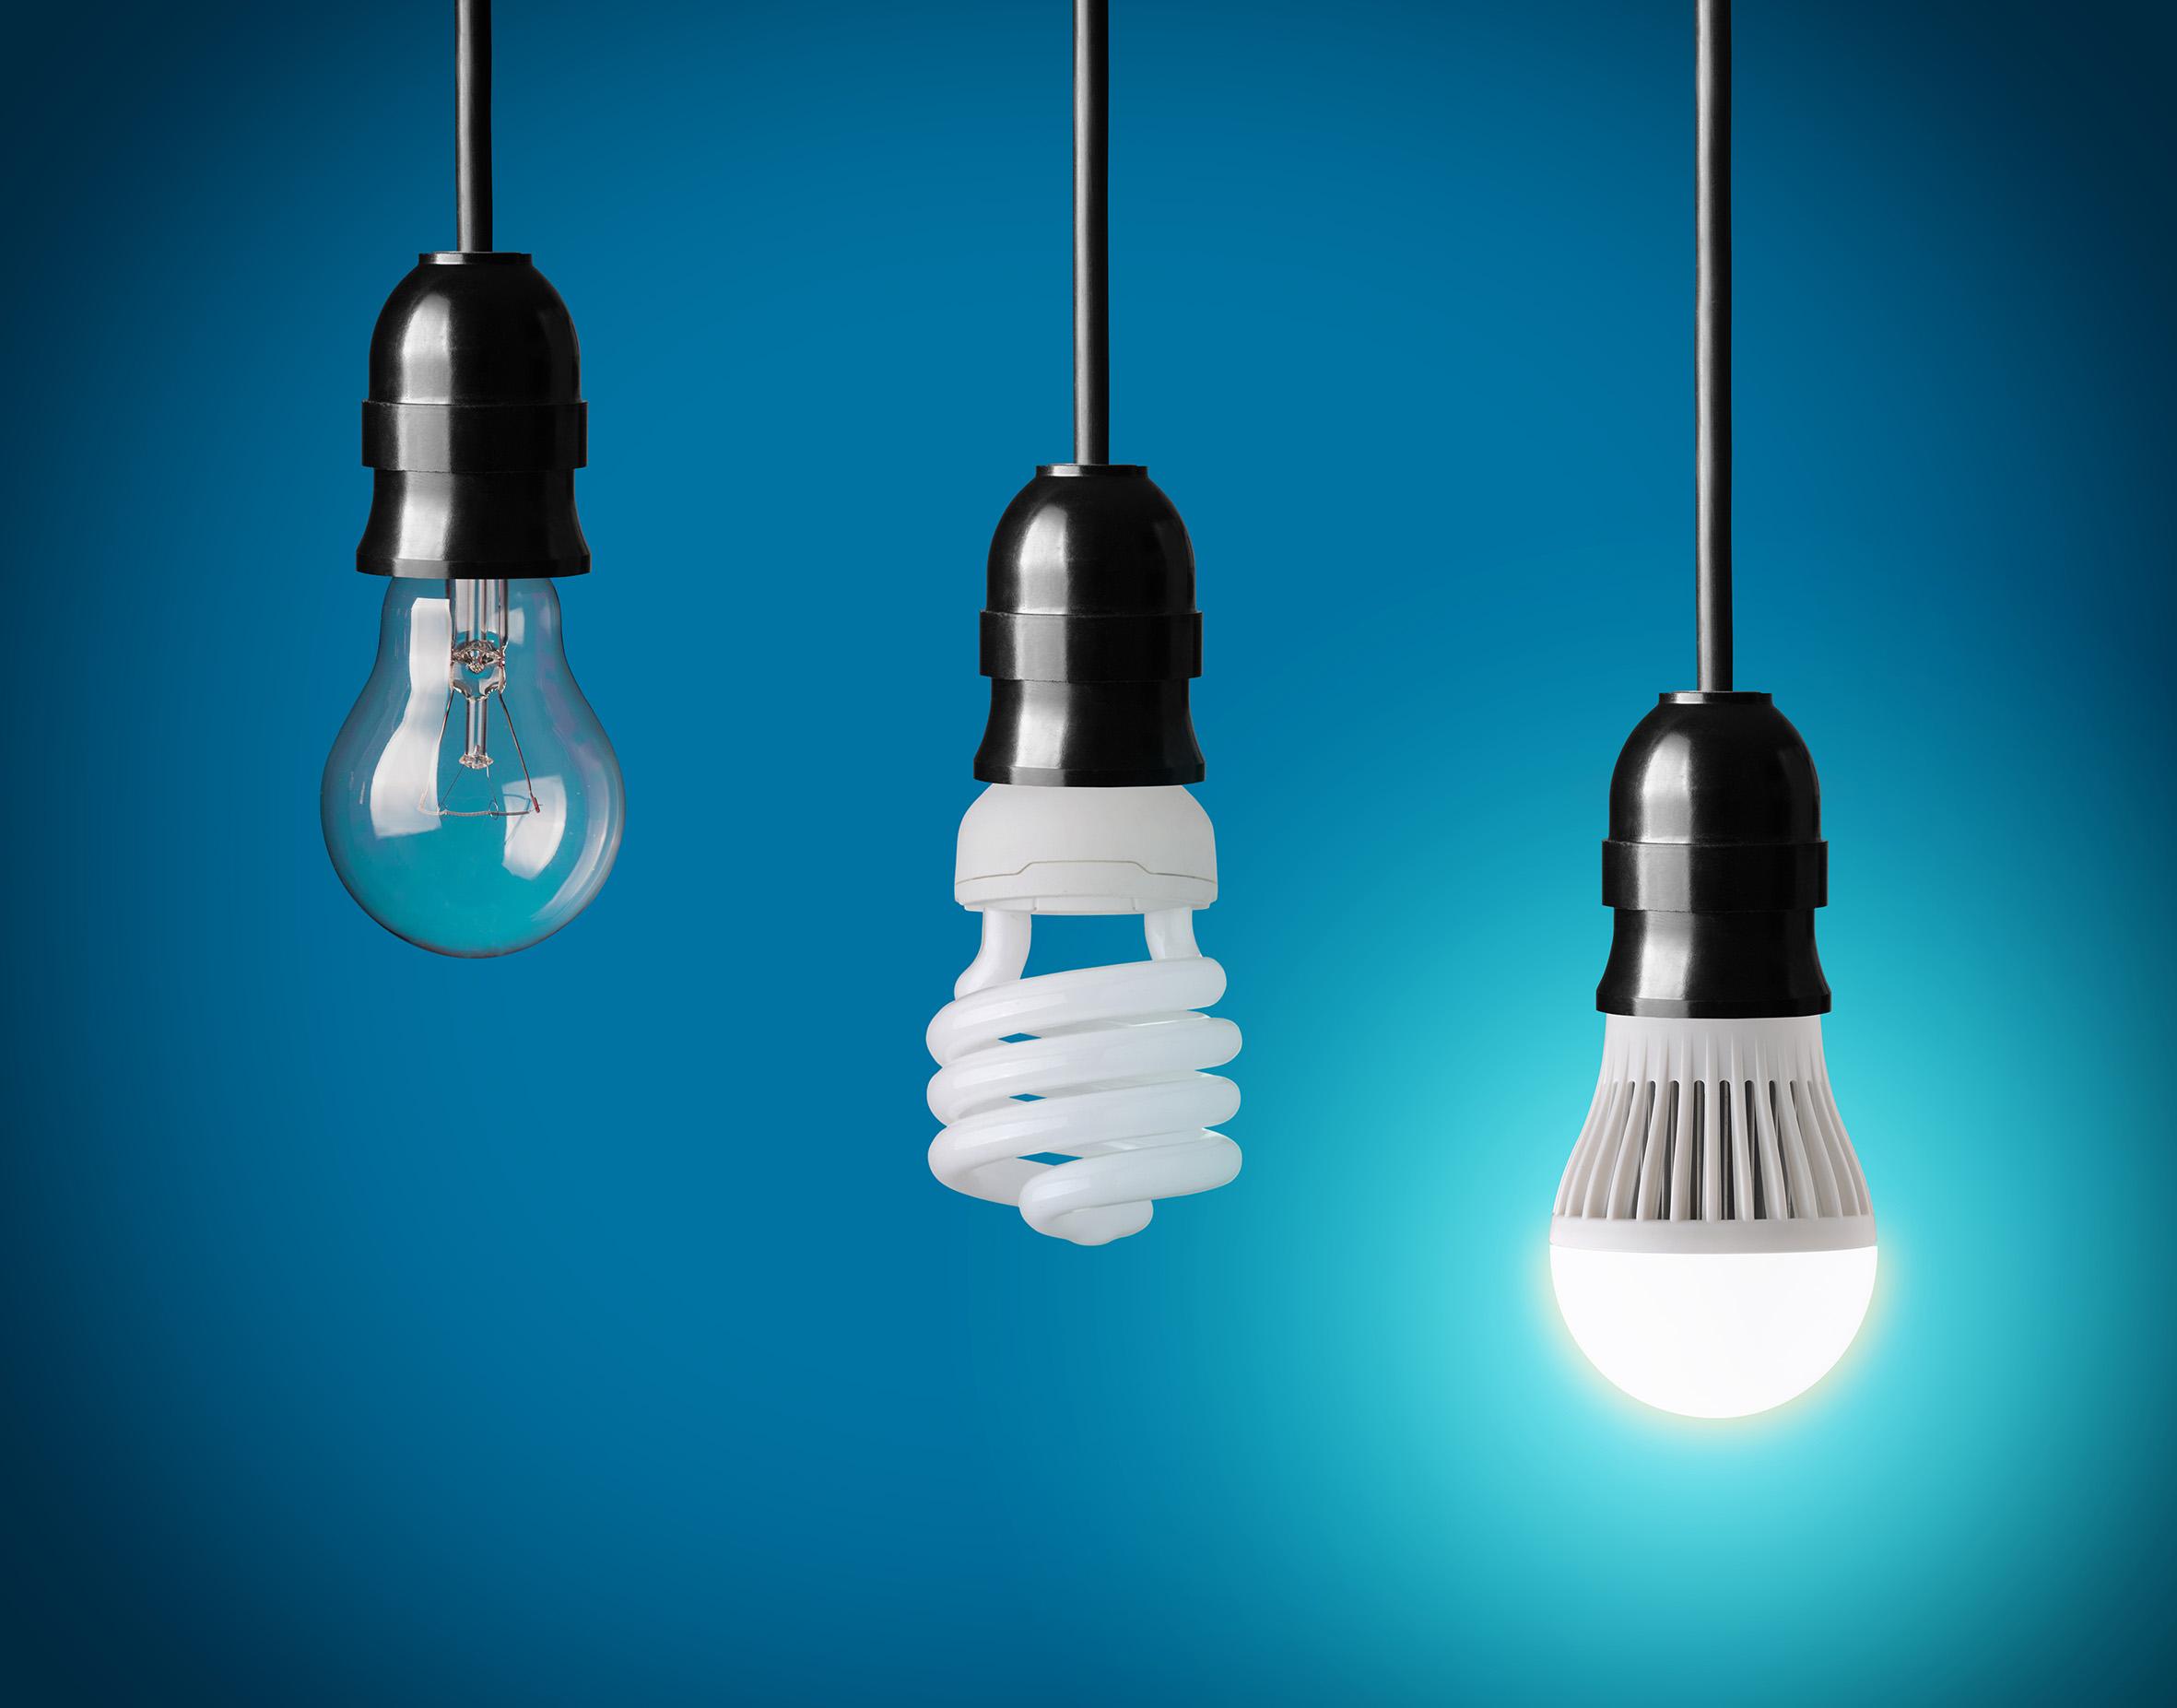 verlichting en led verlichting advies